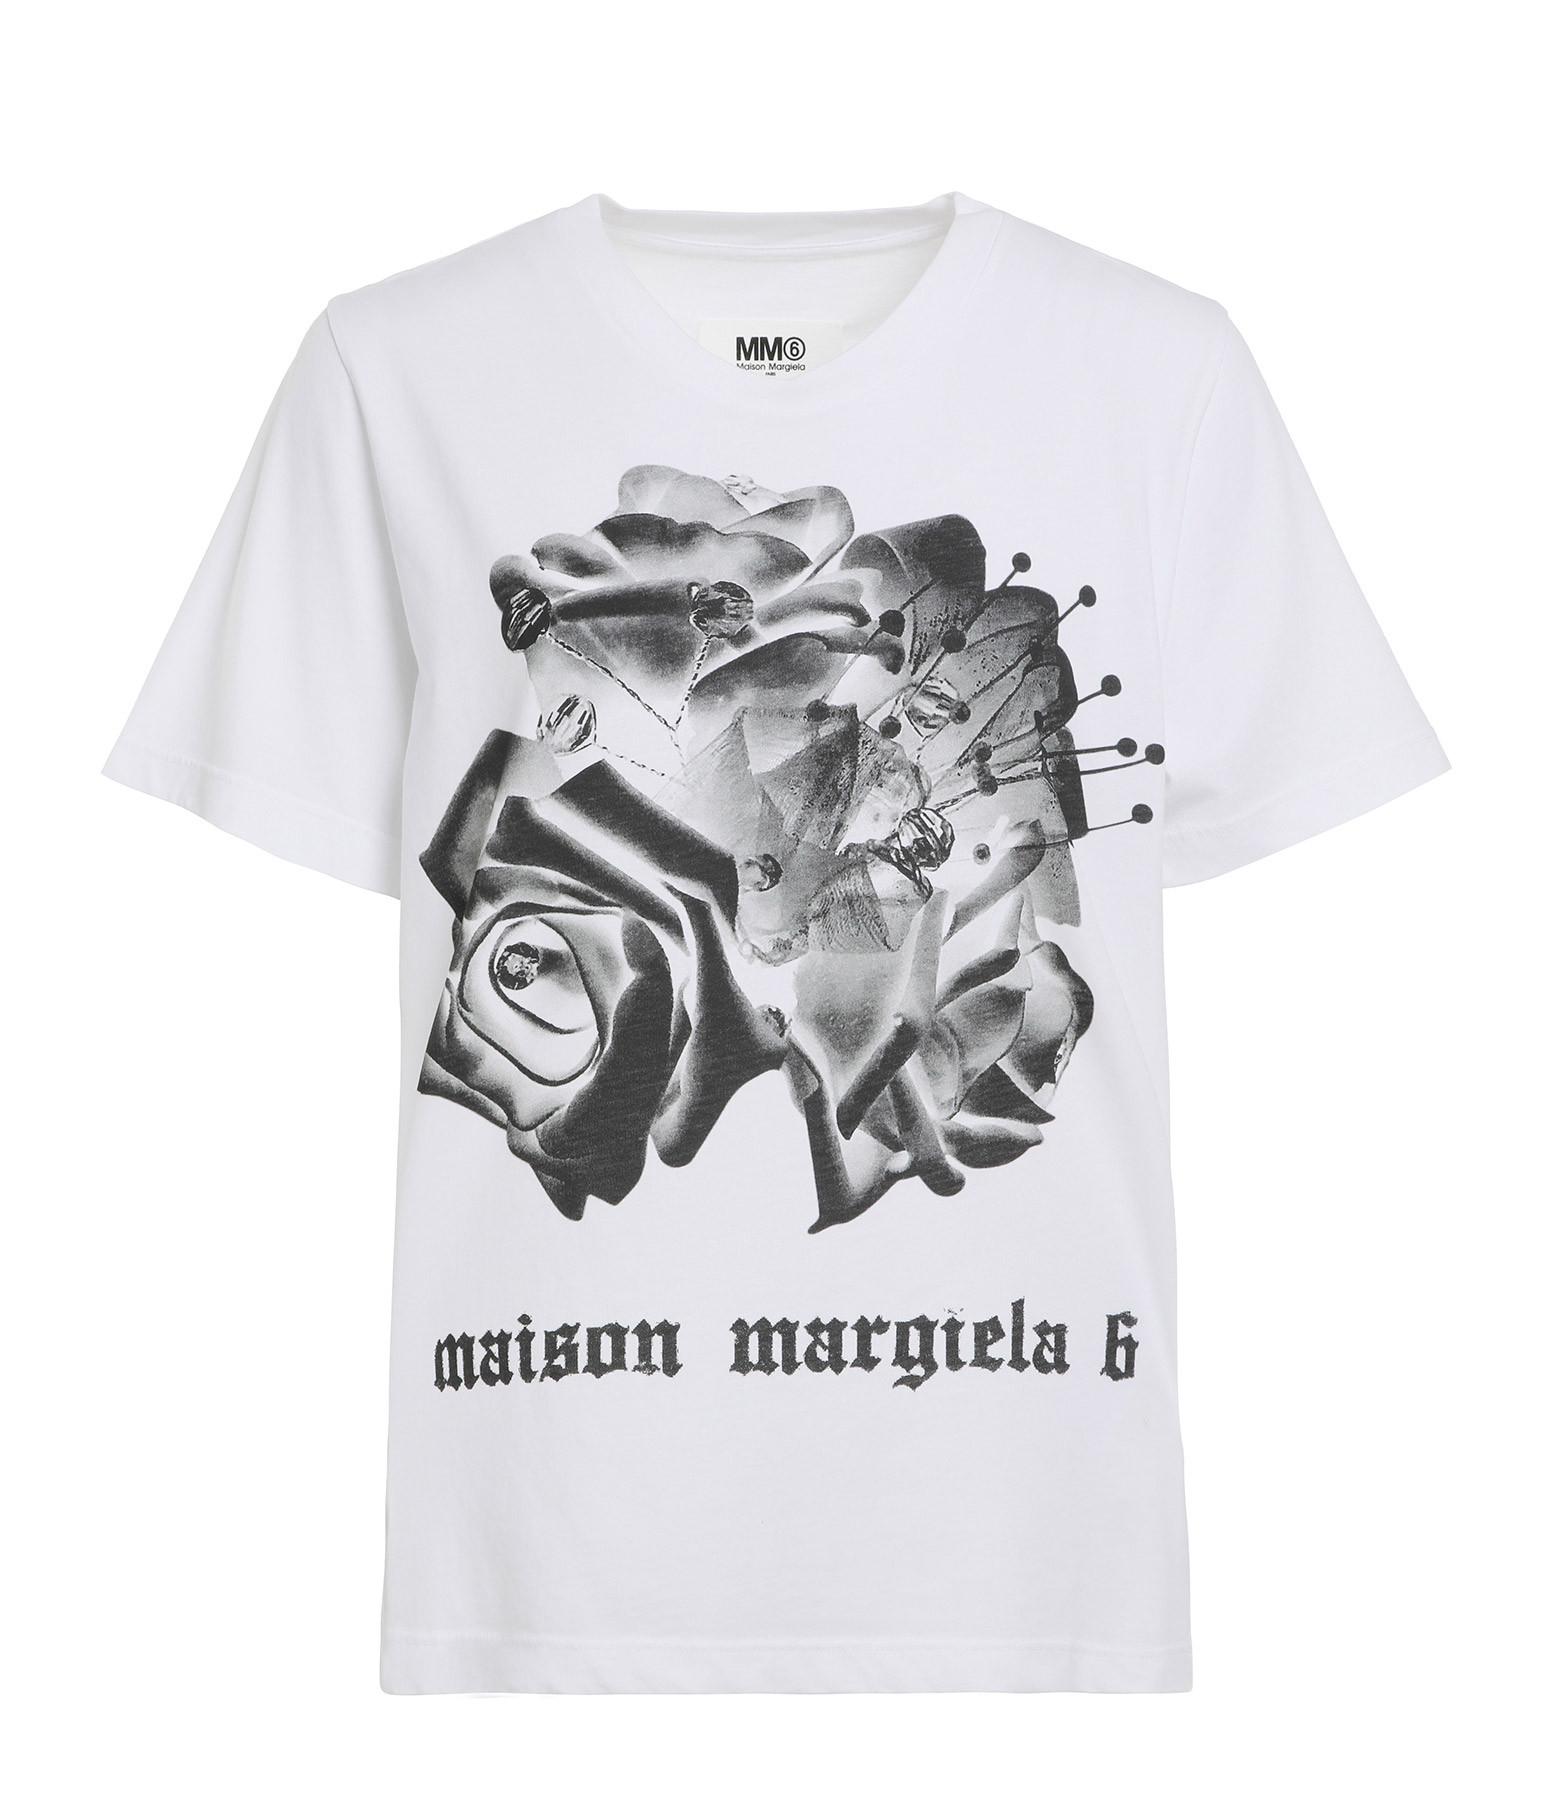 MM6 MAISON MARGIELA - Tee-shirt Coton Imprimé Beige